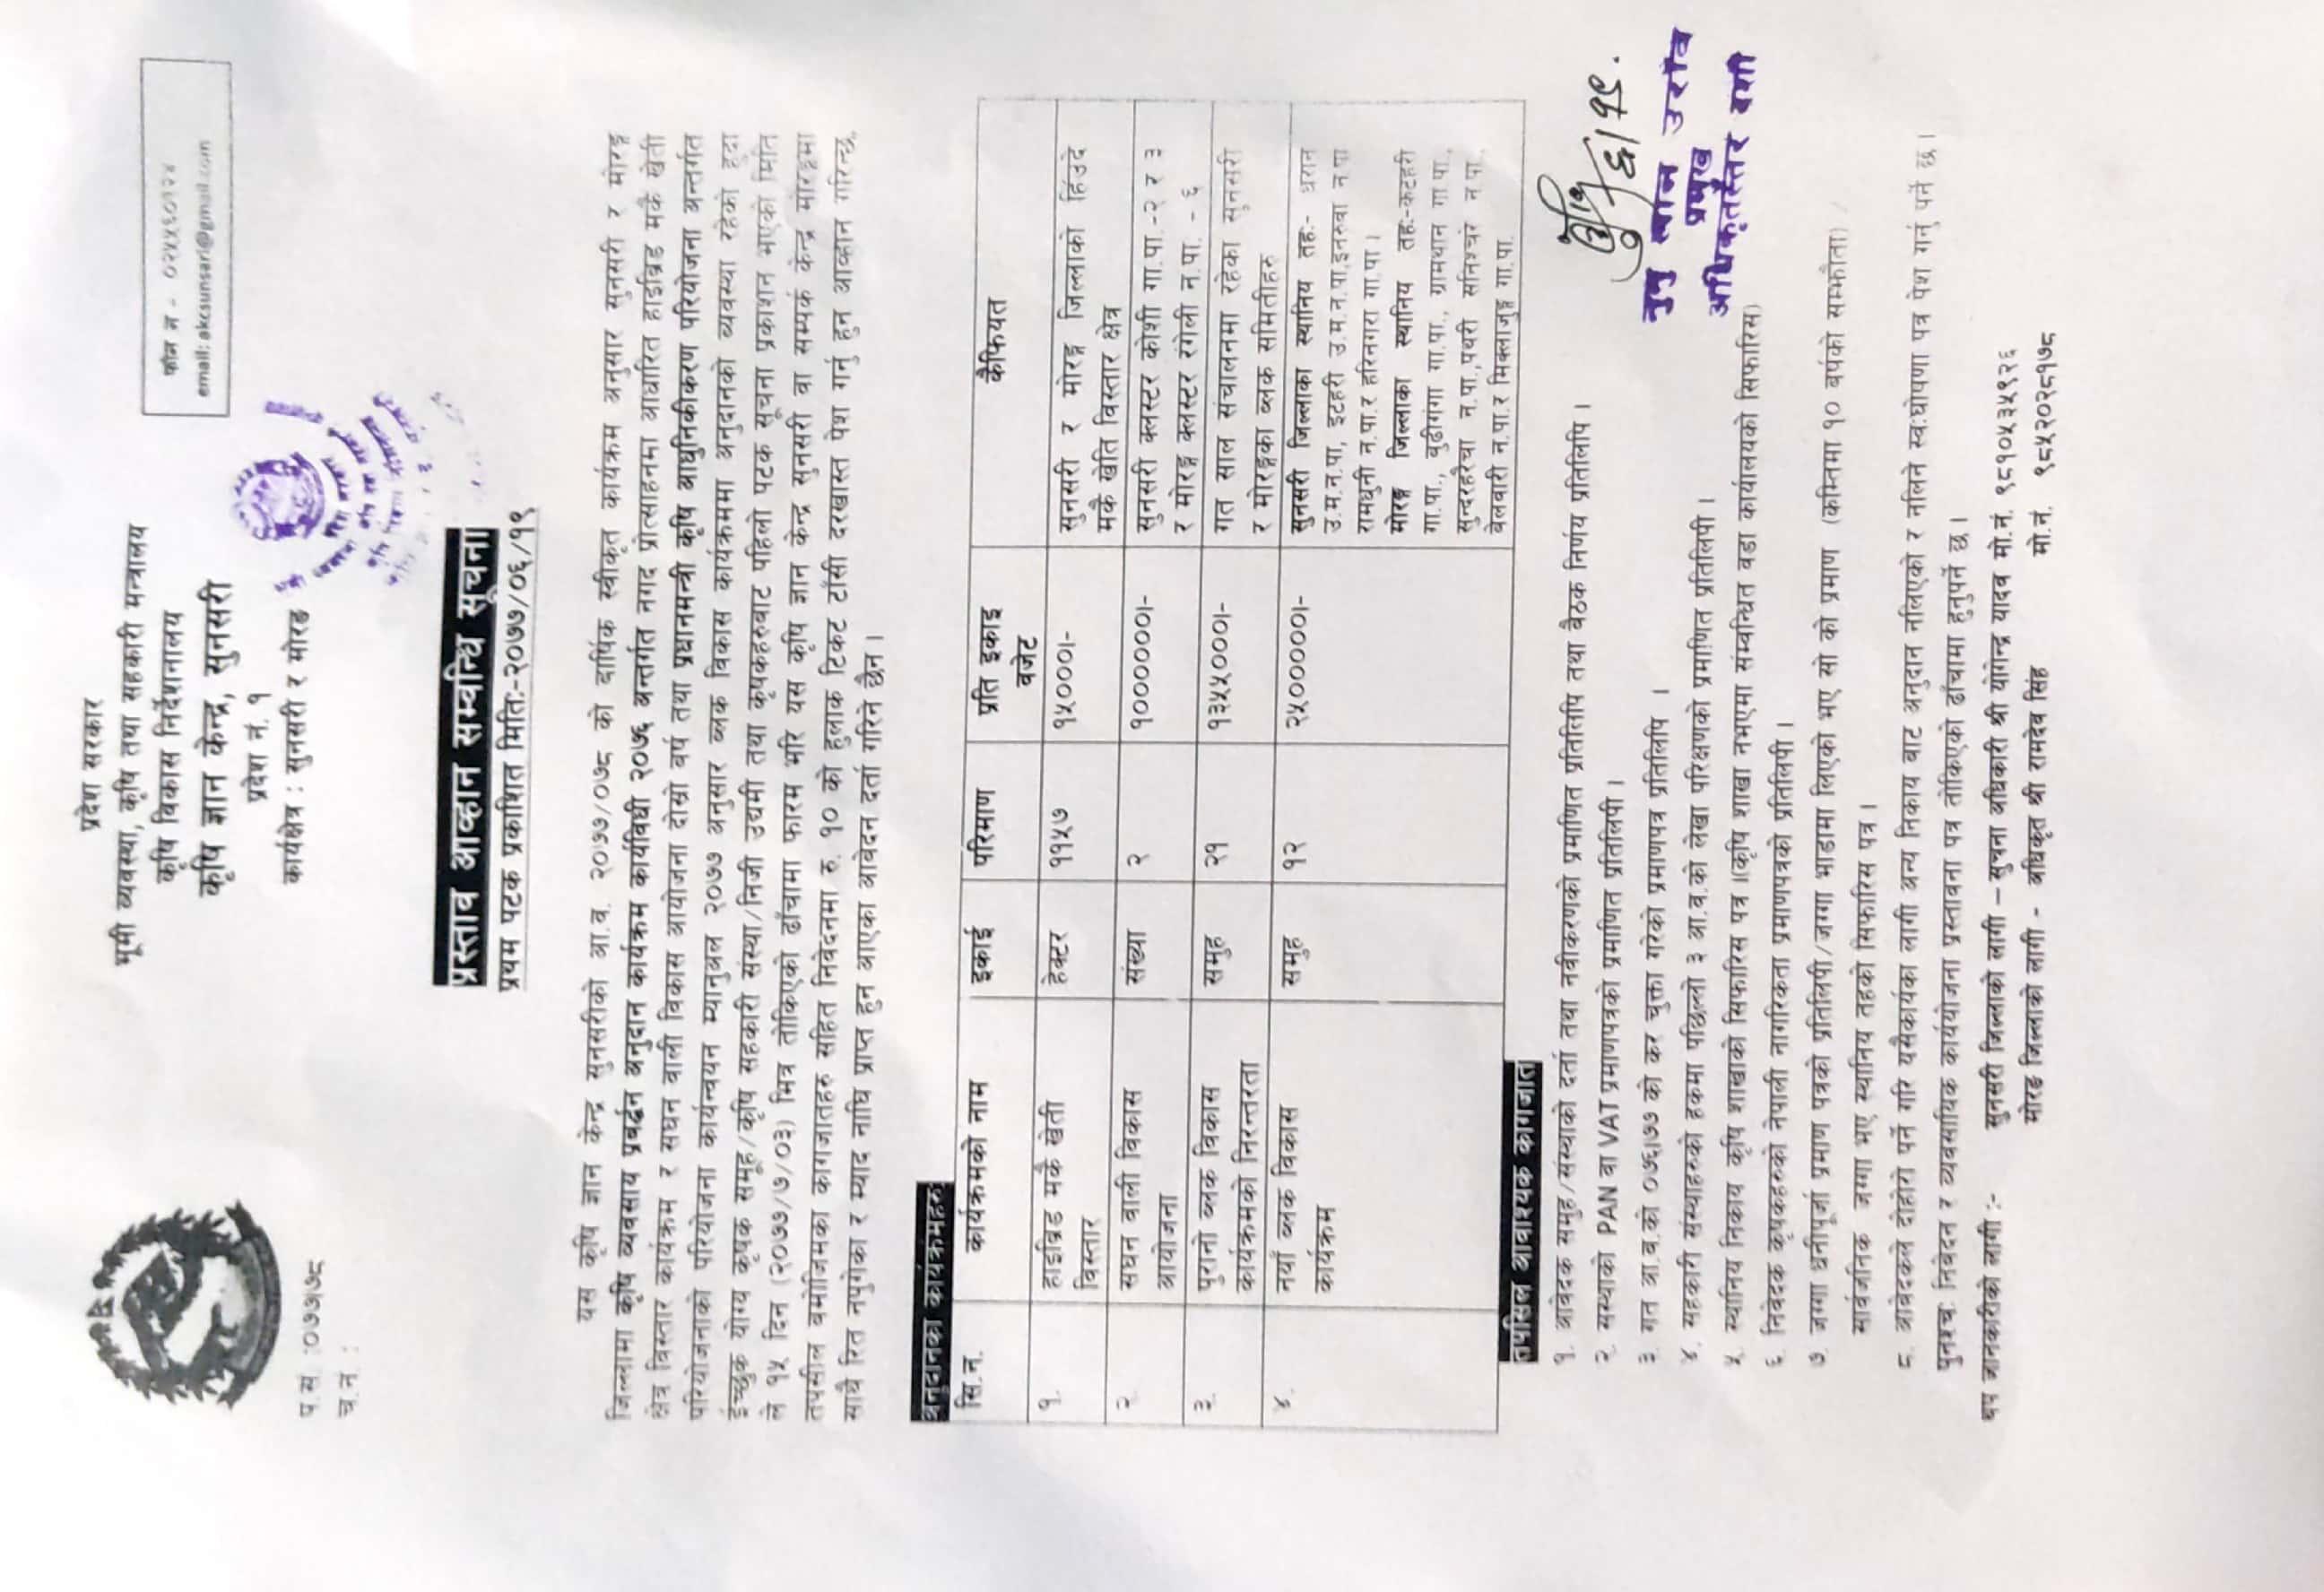 कृषि ज्ञान केन्द्र सुनसरीको प्रस्ताव आव्हान सम्बन्धी सूचना।